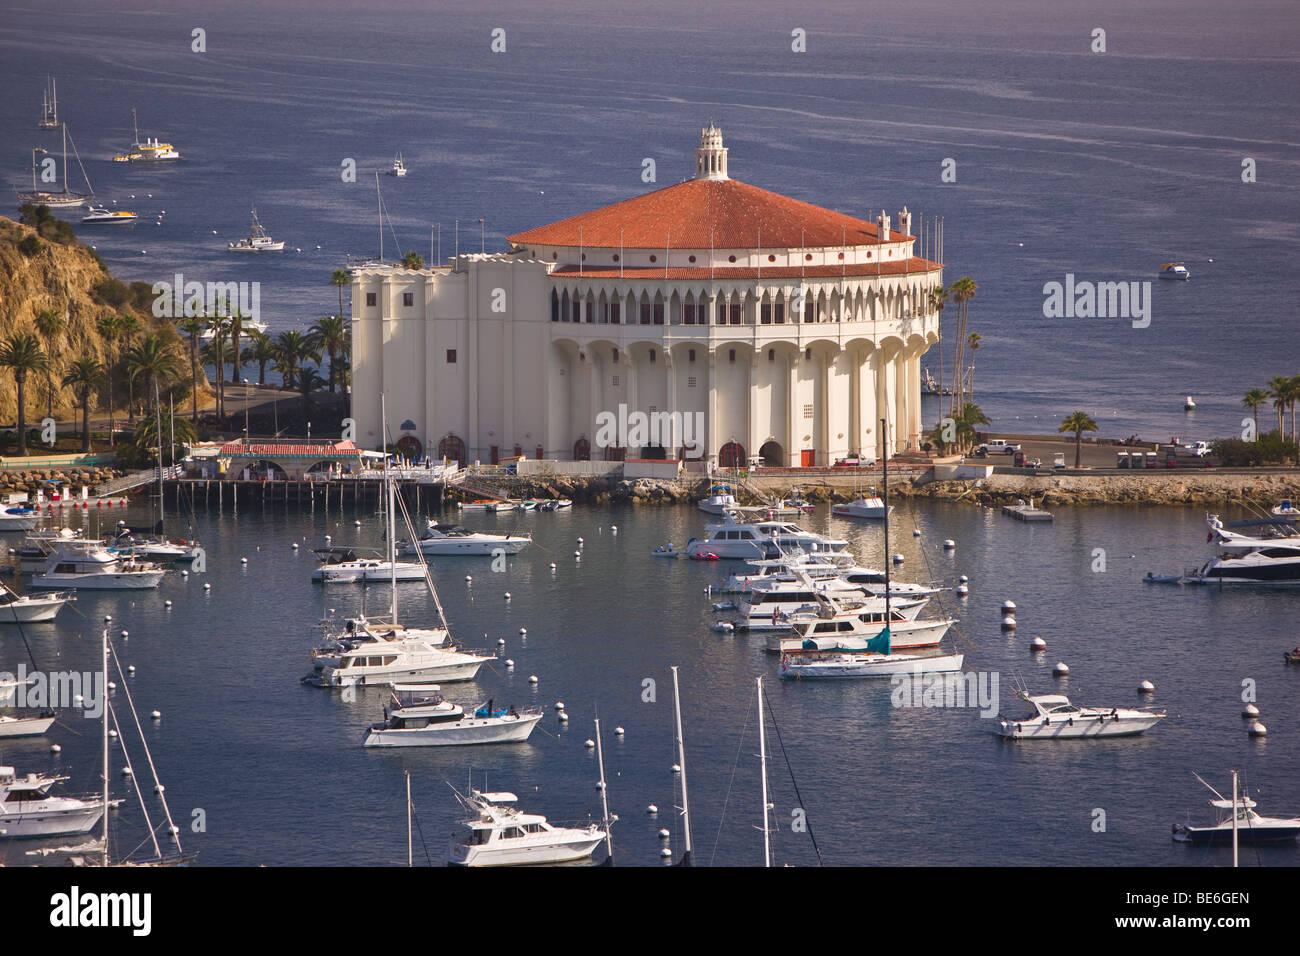 591d8aec1b98 Avalon And Casino Santa Catalina Island California Stock Photos ...